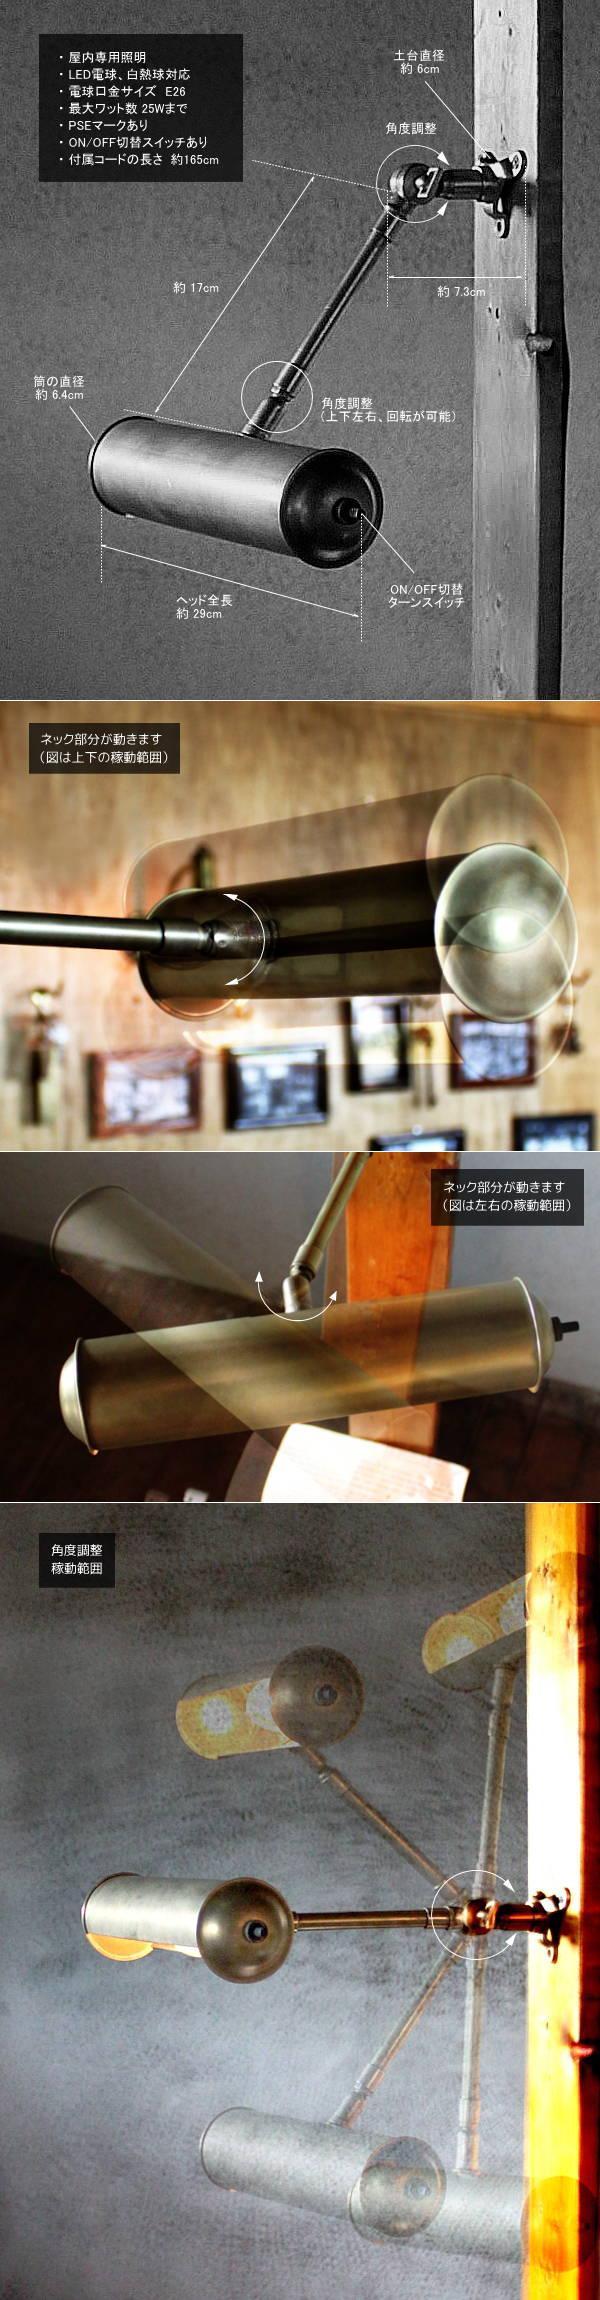 USAヴィンテージ真鍮製2点角度調整付きピクチャーライト/インダストリアル壁掛け照明ブラケット工業系アンティークライト